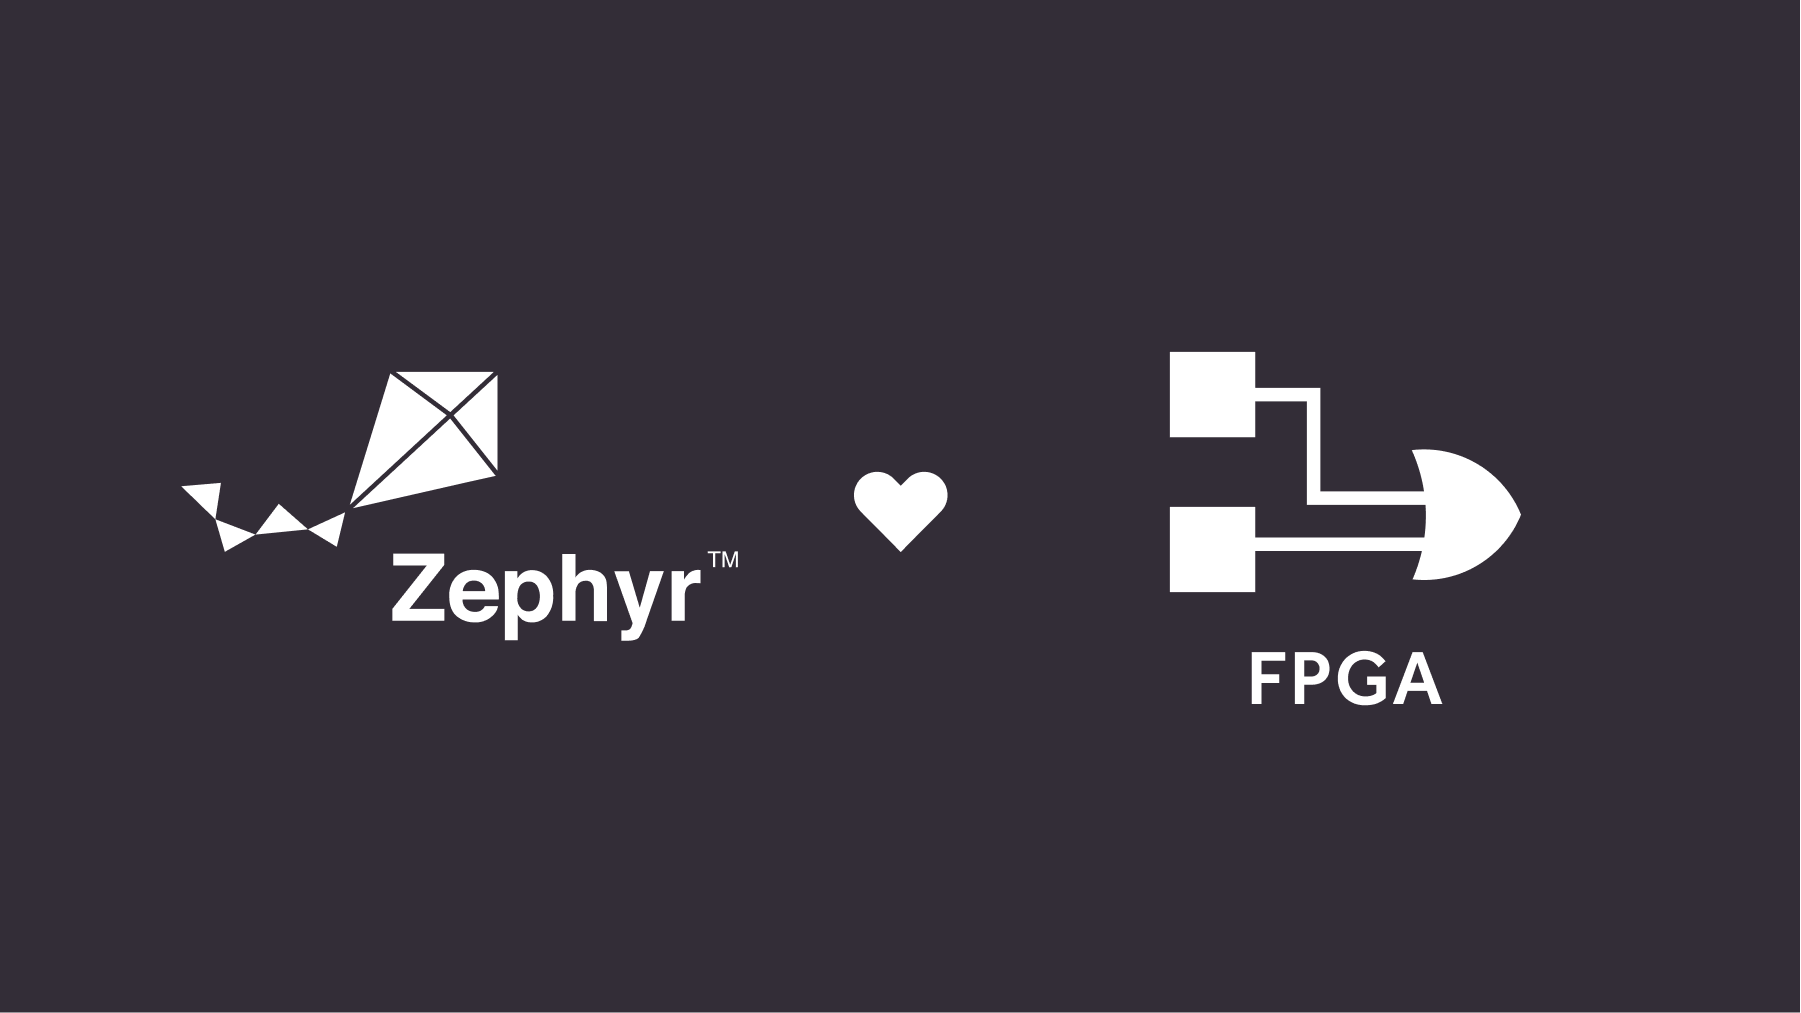 Zepnhyr loves FPGA